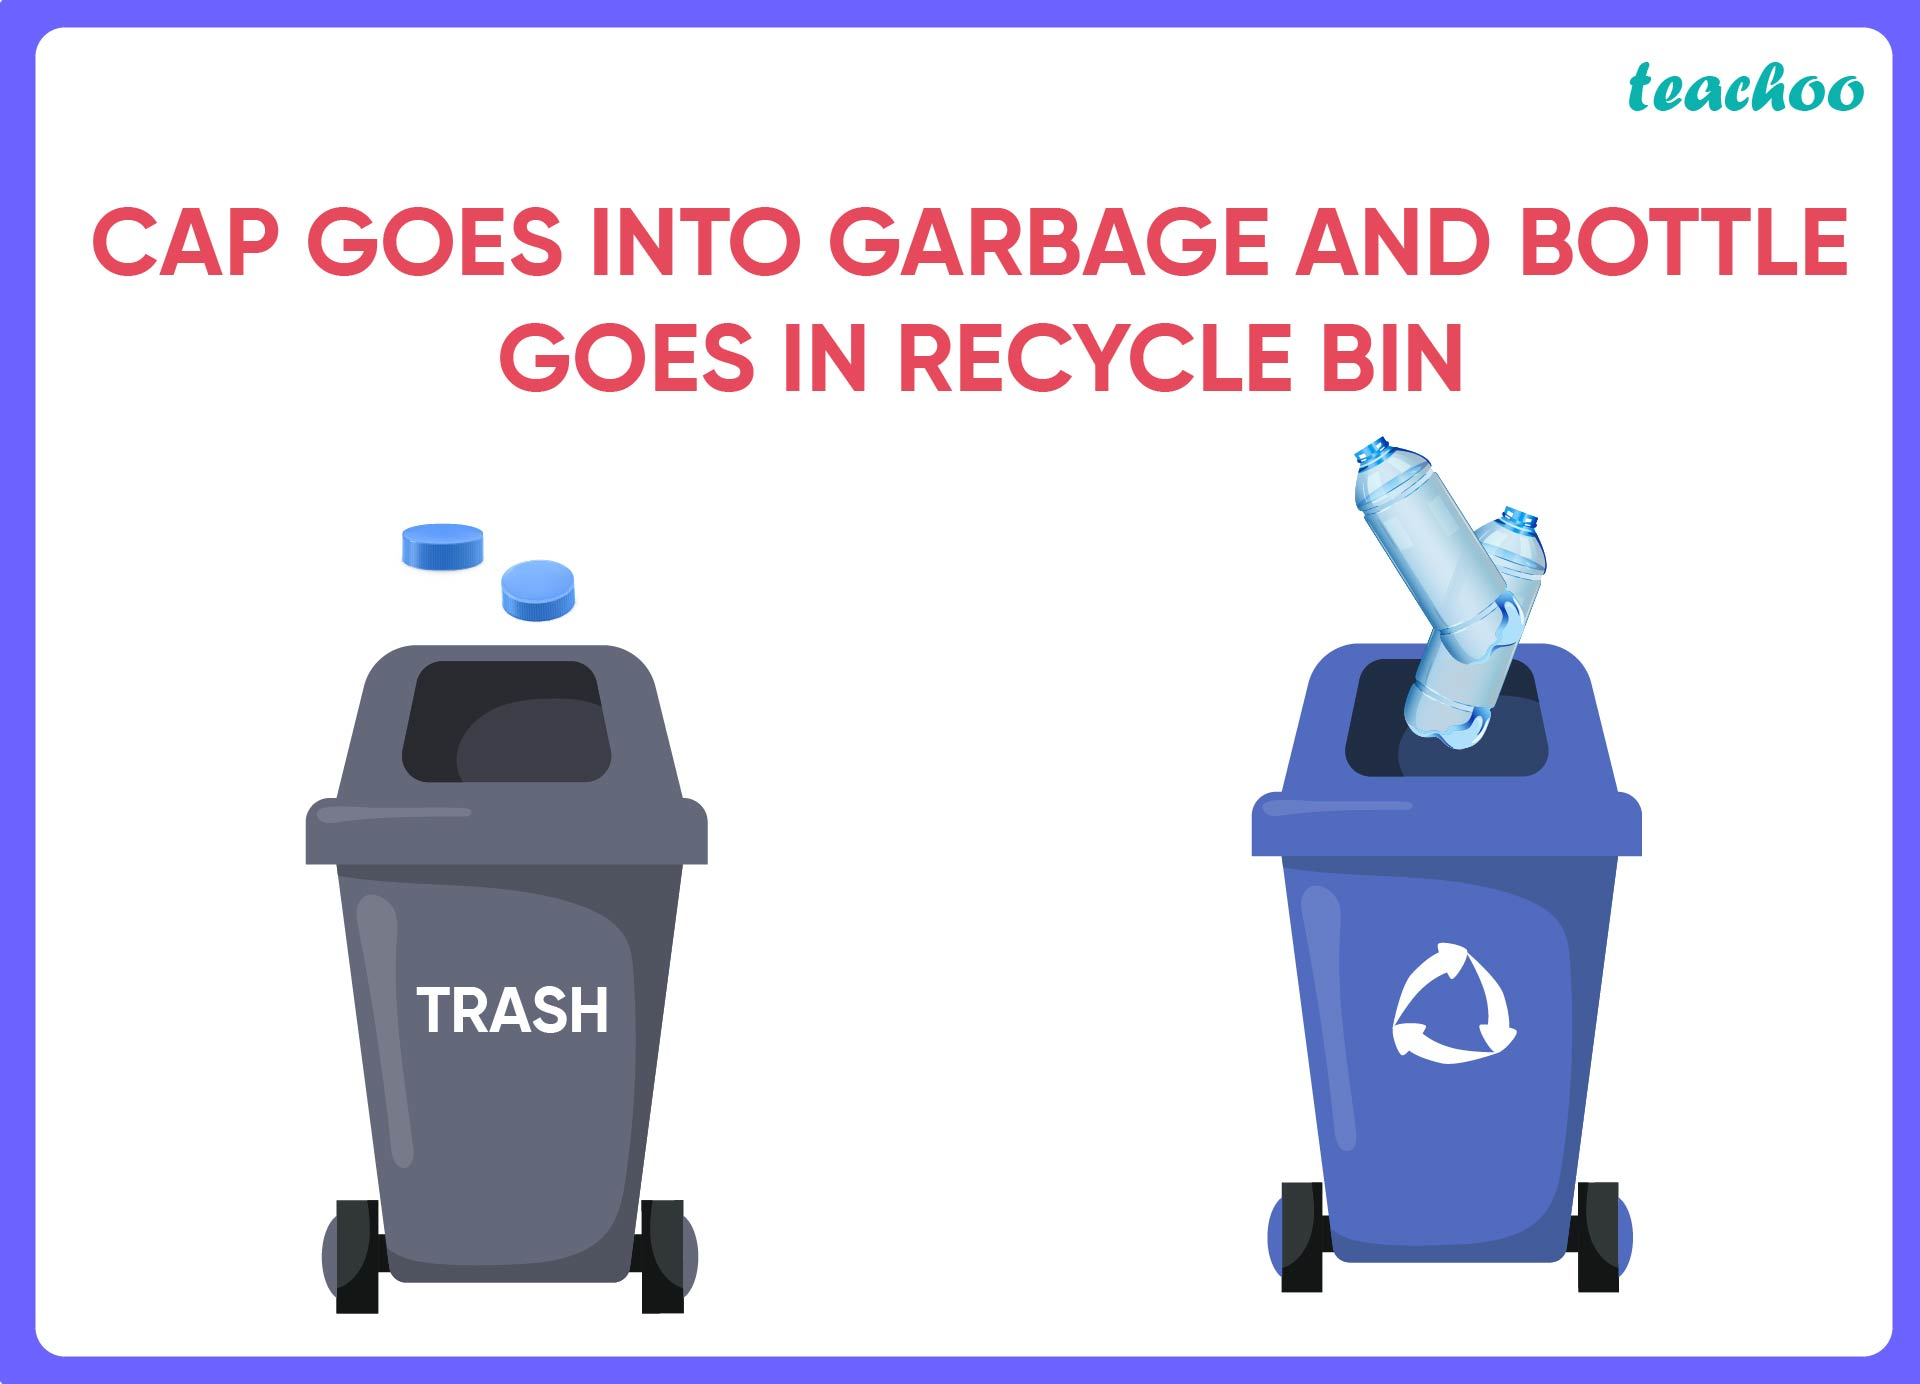 Cap goes into garbage and bottle goes in recycle bin-Teachoo-01.jpg